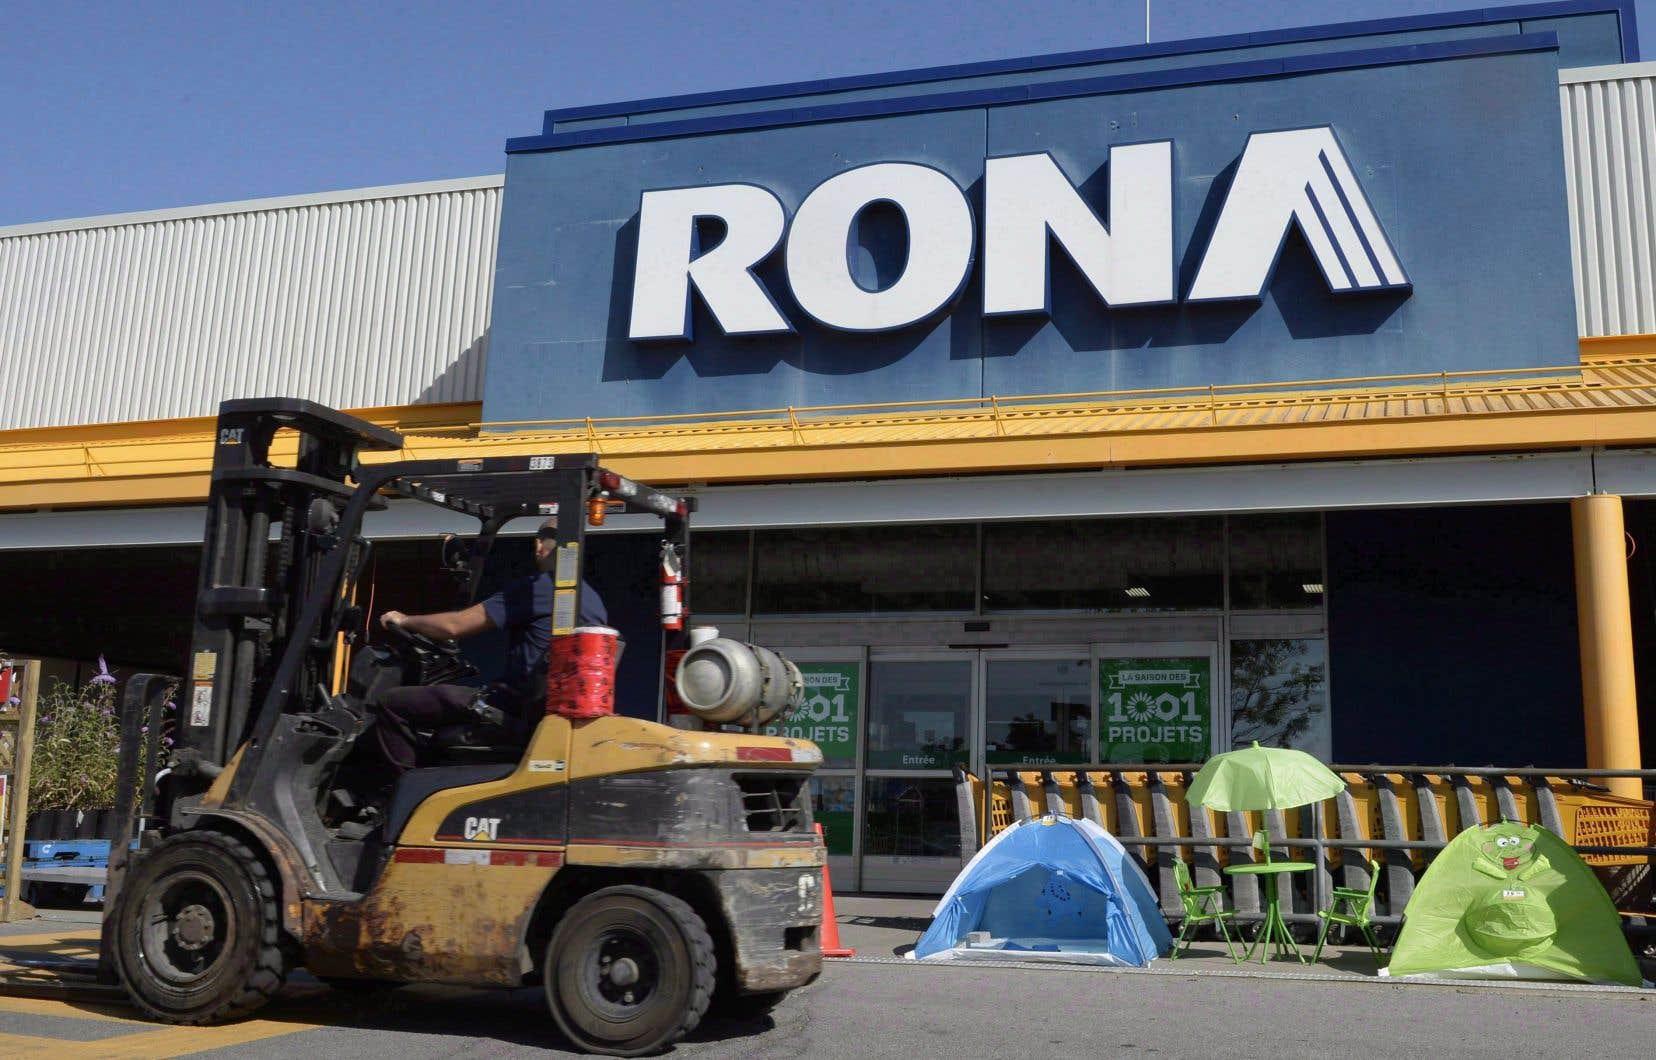 Le Parti québécois aurait indirectement joué un rôle dans l'éventuelle vente de Rona en restant impassible face à la prise de contrôle du conseil d'administration par une majorité d'Ontariens.